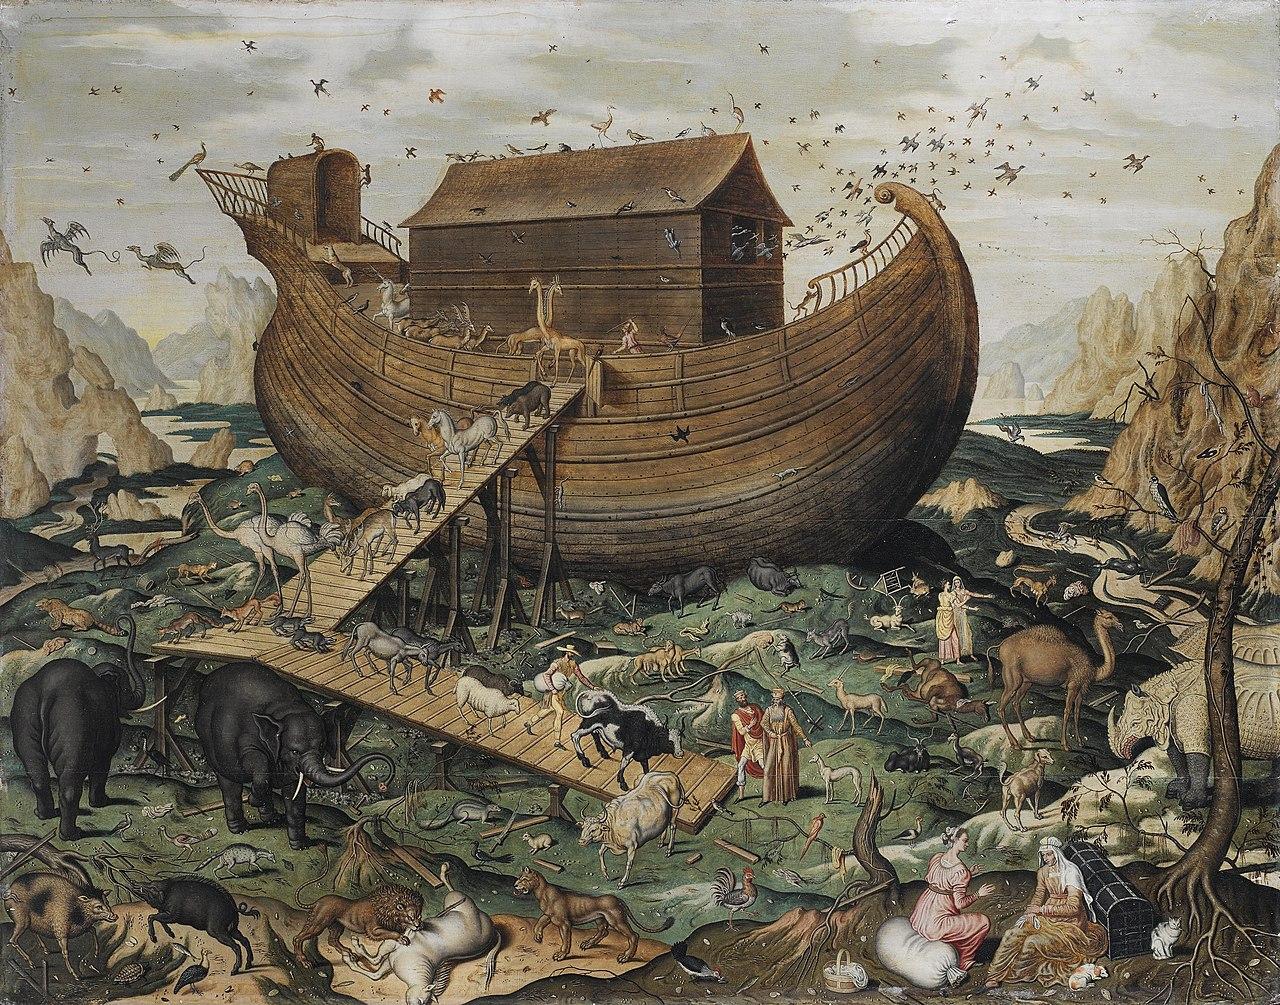 Noah's Ark Painting